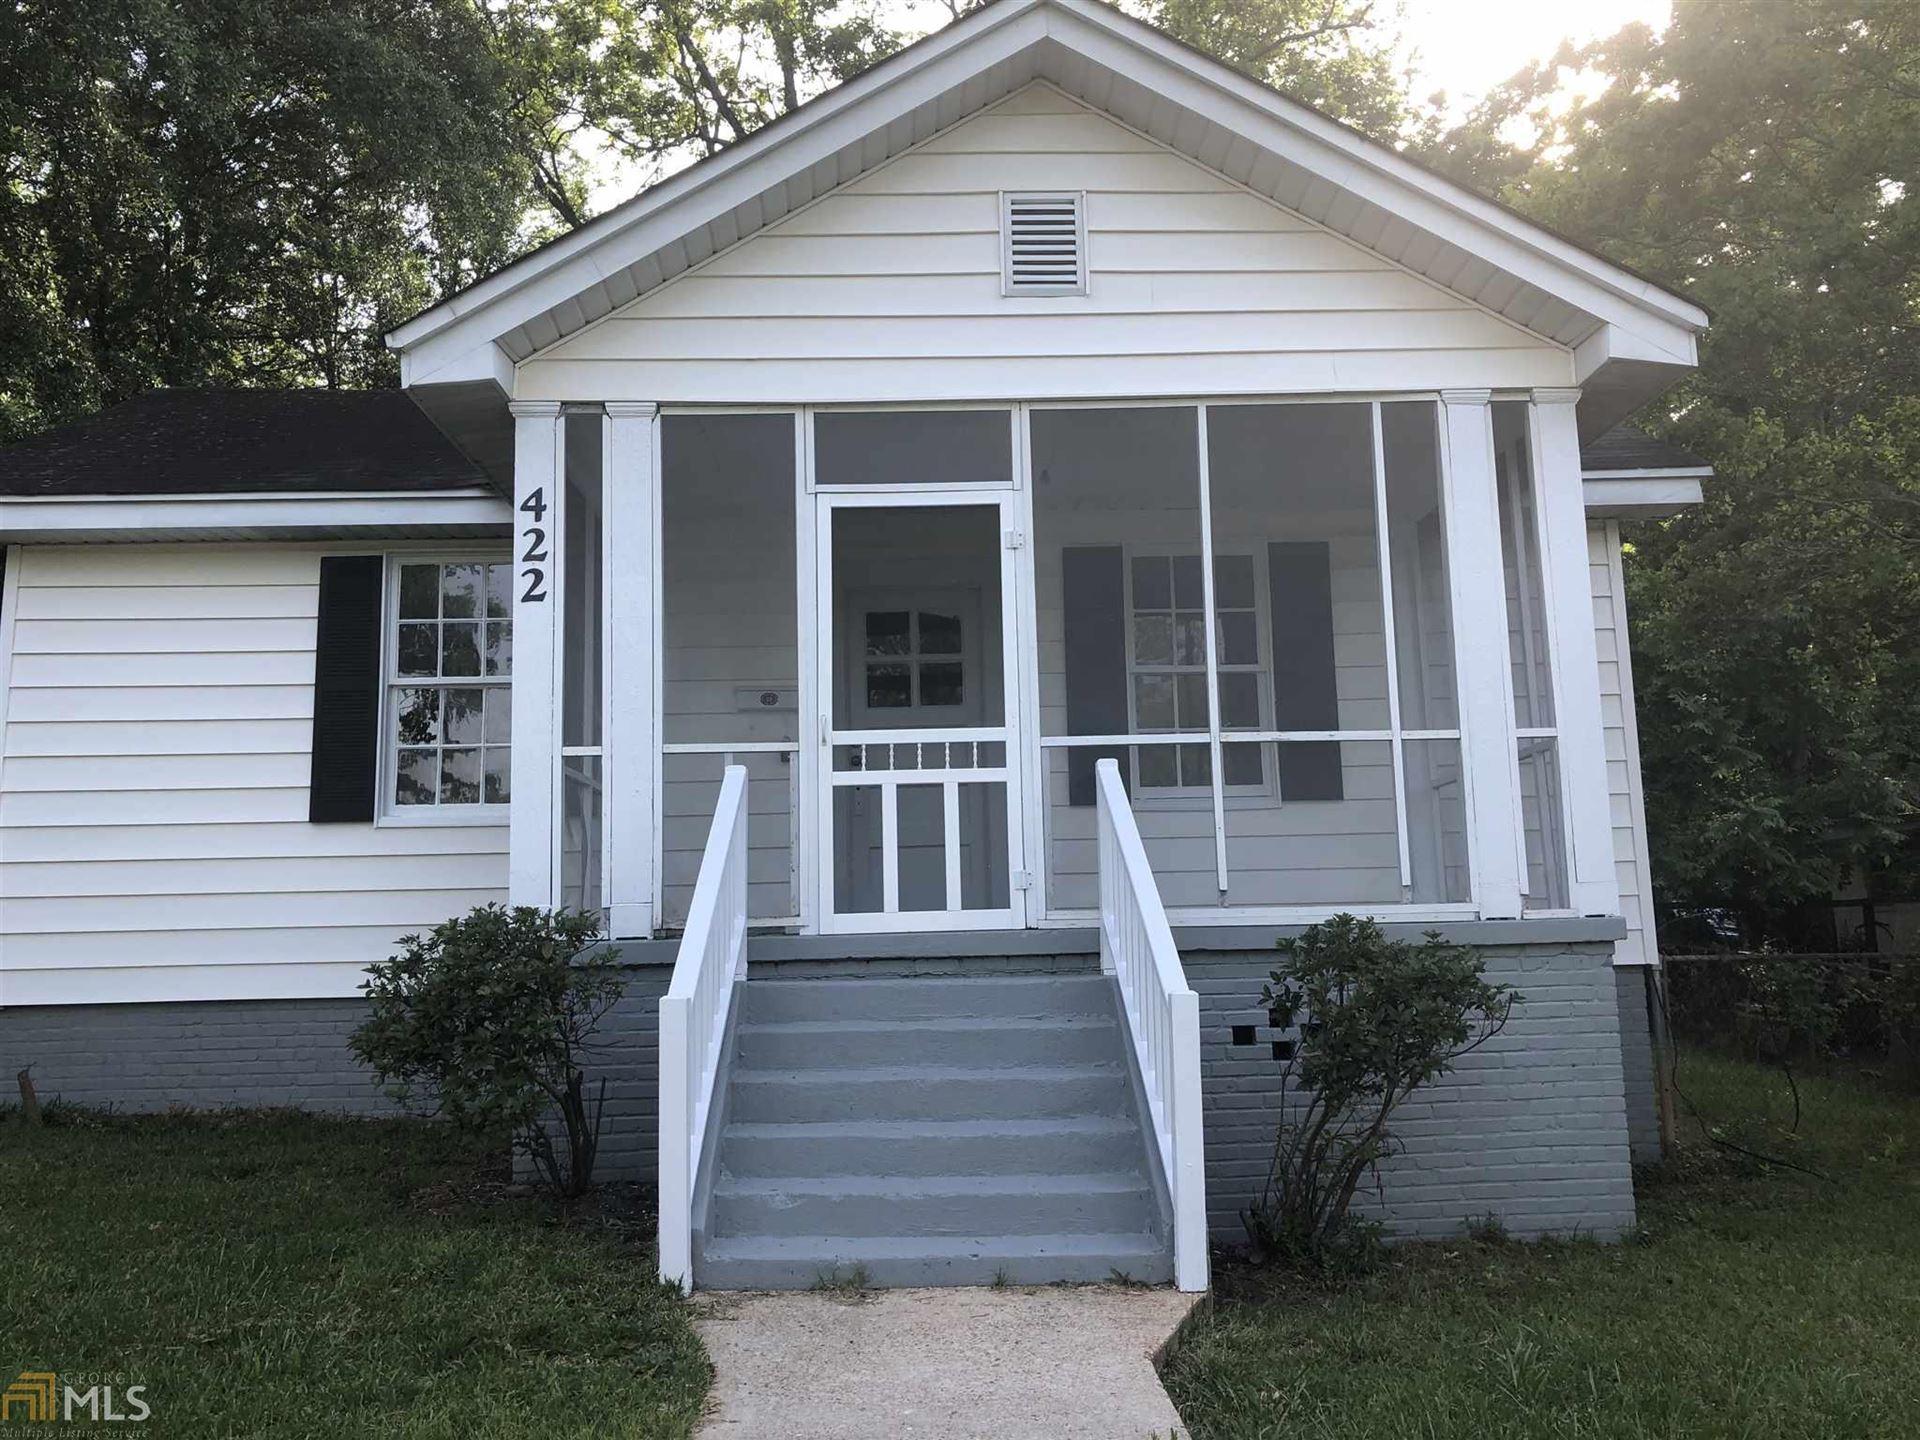 422 E St, Thomaston, GA 30286 - #: 8781512